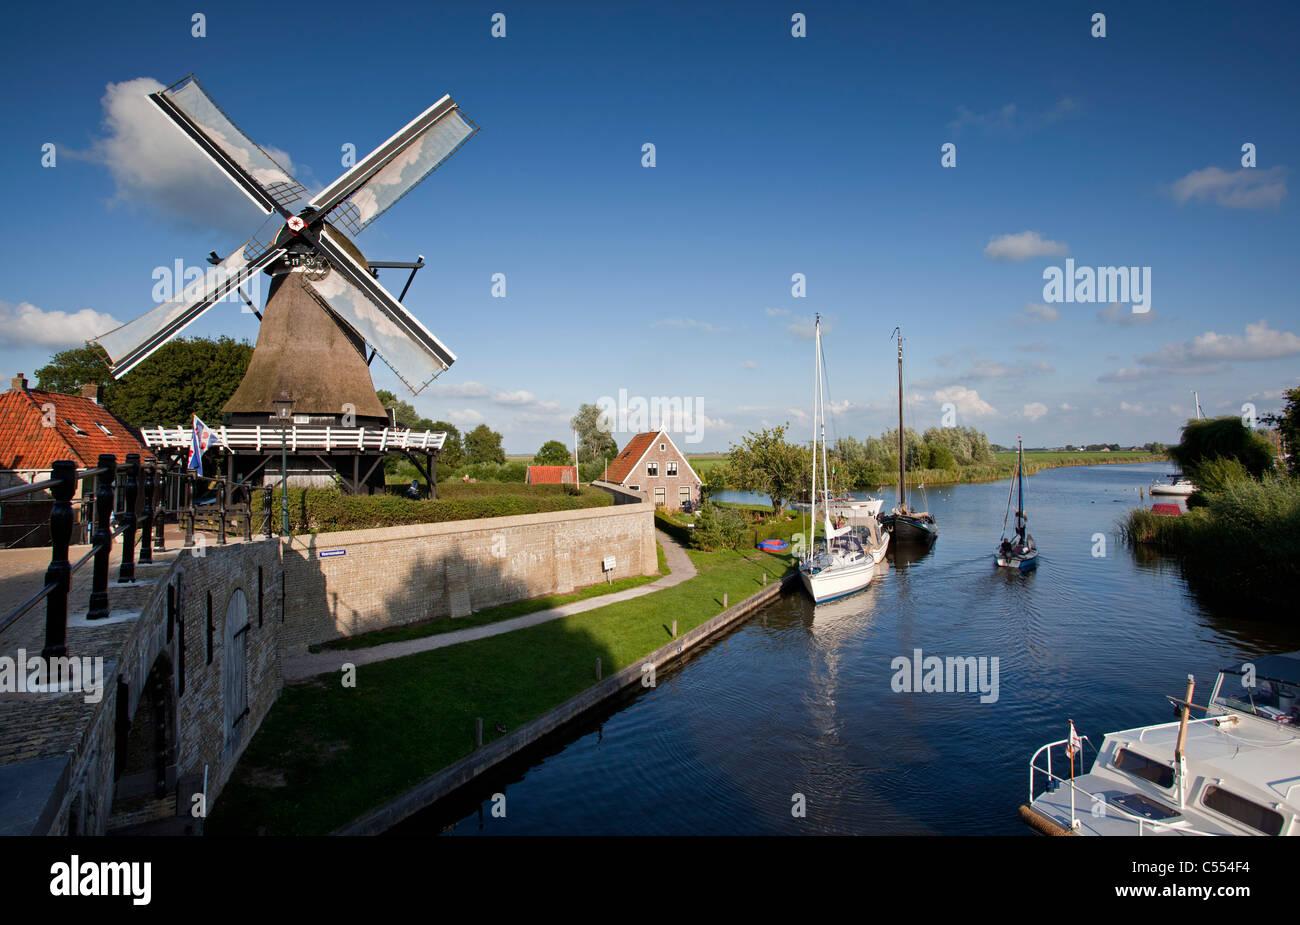 Niederlande, Sloten, Yachten und Windmühle. Stockbild